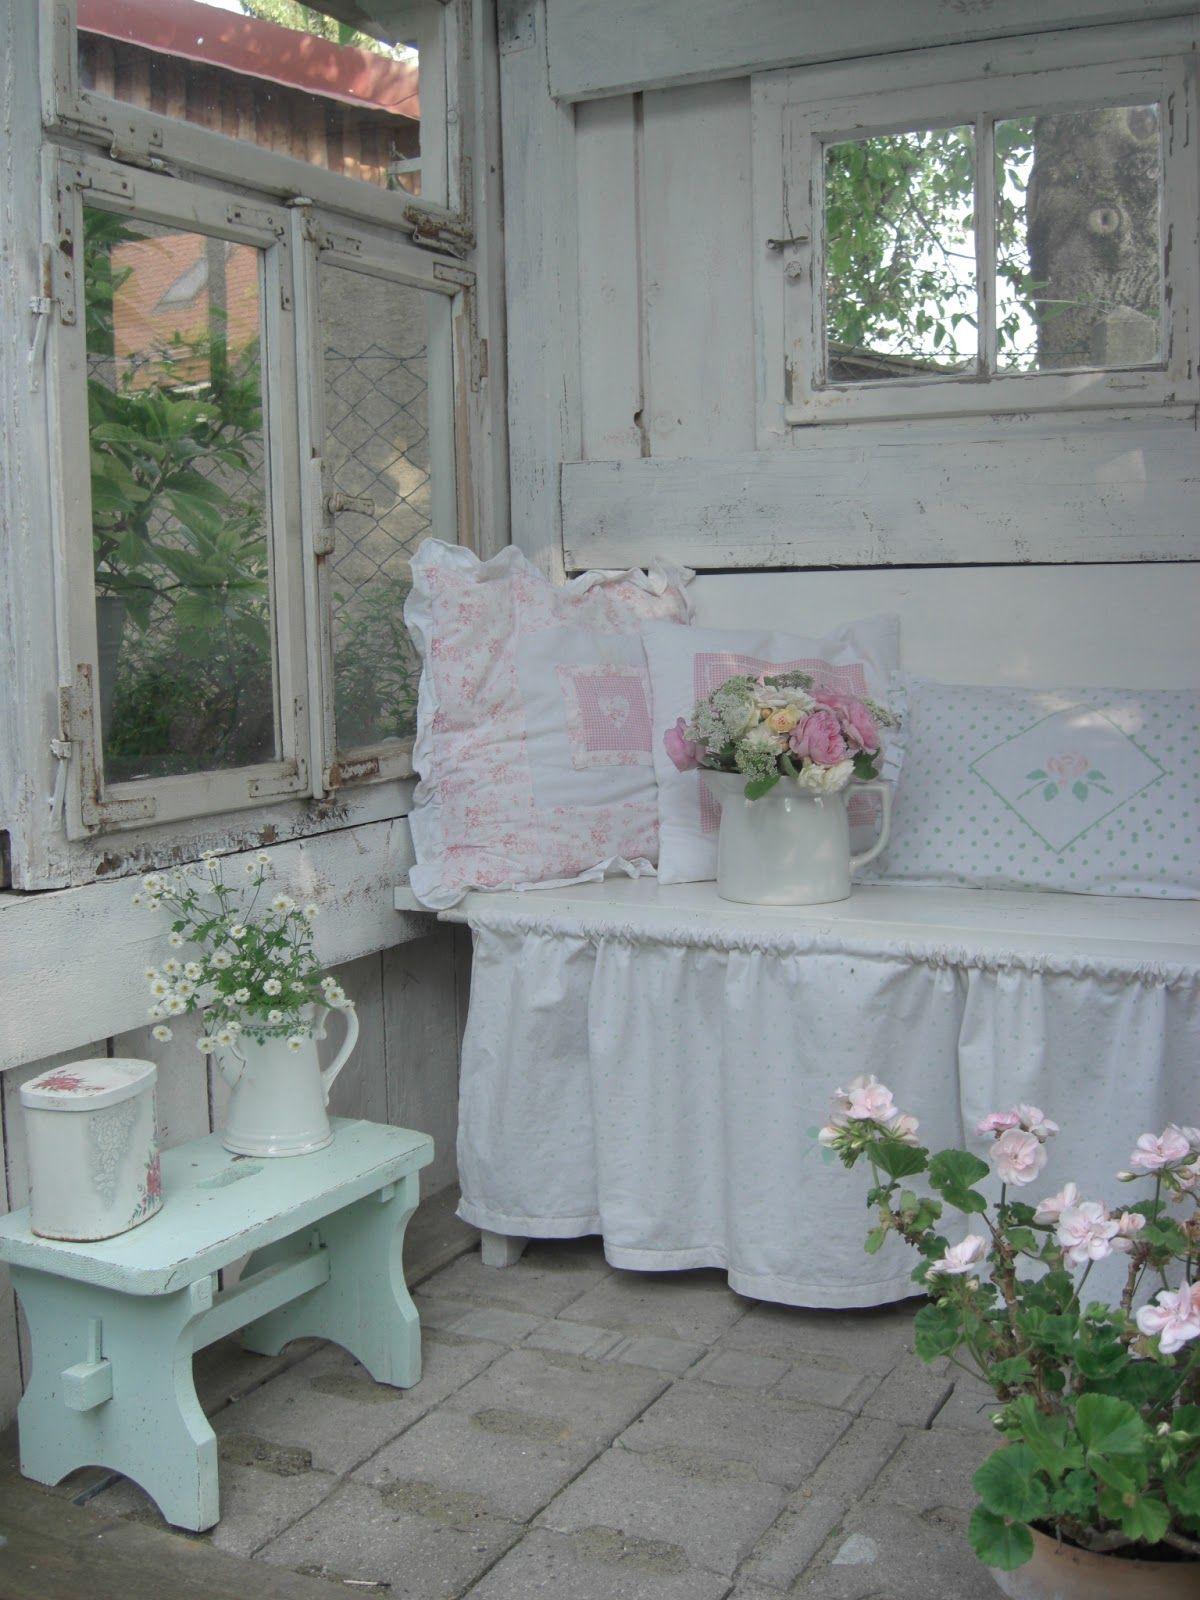 Landliebe cottage garden rosen s y c c pinterest shabby chic shabby chic - Gartenhaus shabby chic ...